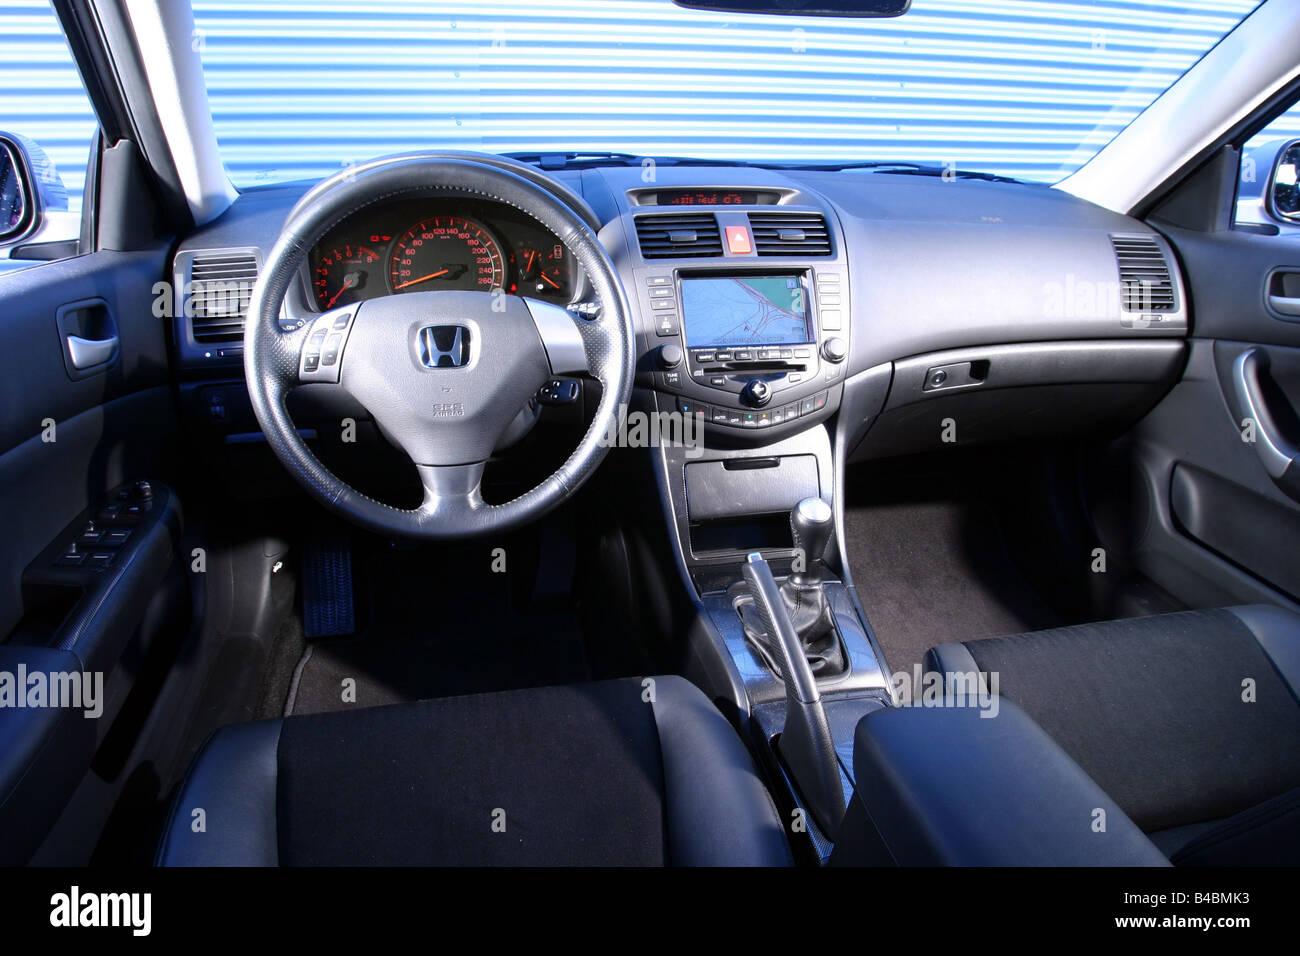 Carro Honda Accord Tourer 2.0i, BICORPO, Classe Média, Modelo Ano 2002 ,  Prata, FGHDS Vista Interior Vista Interior, Cockpit,